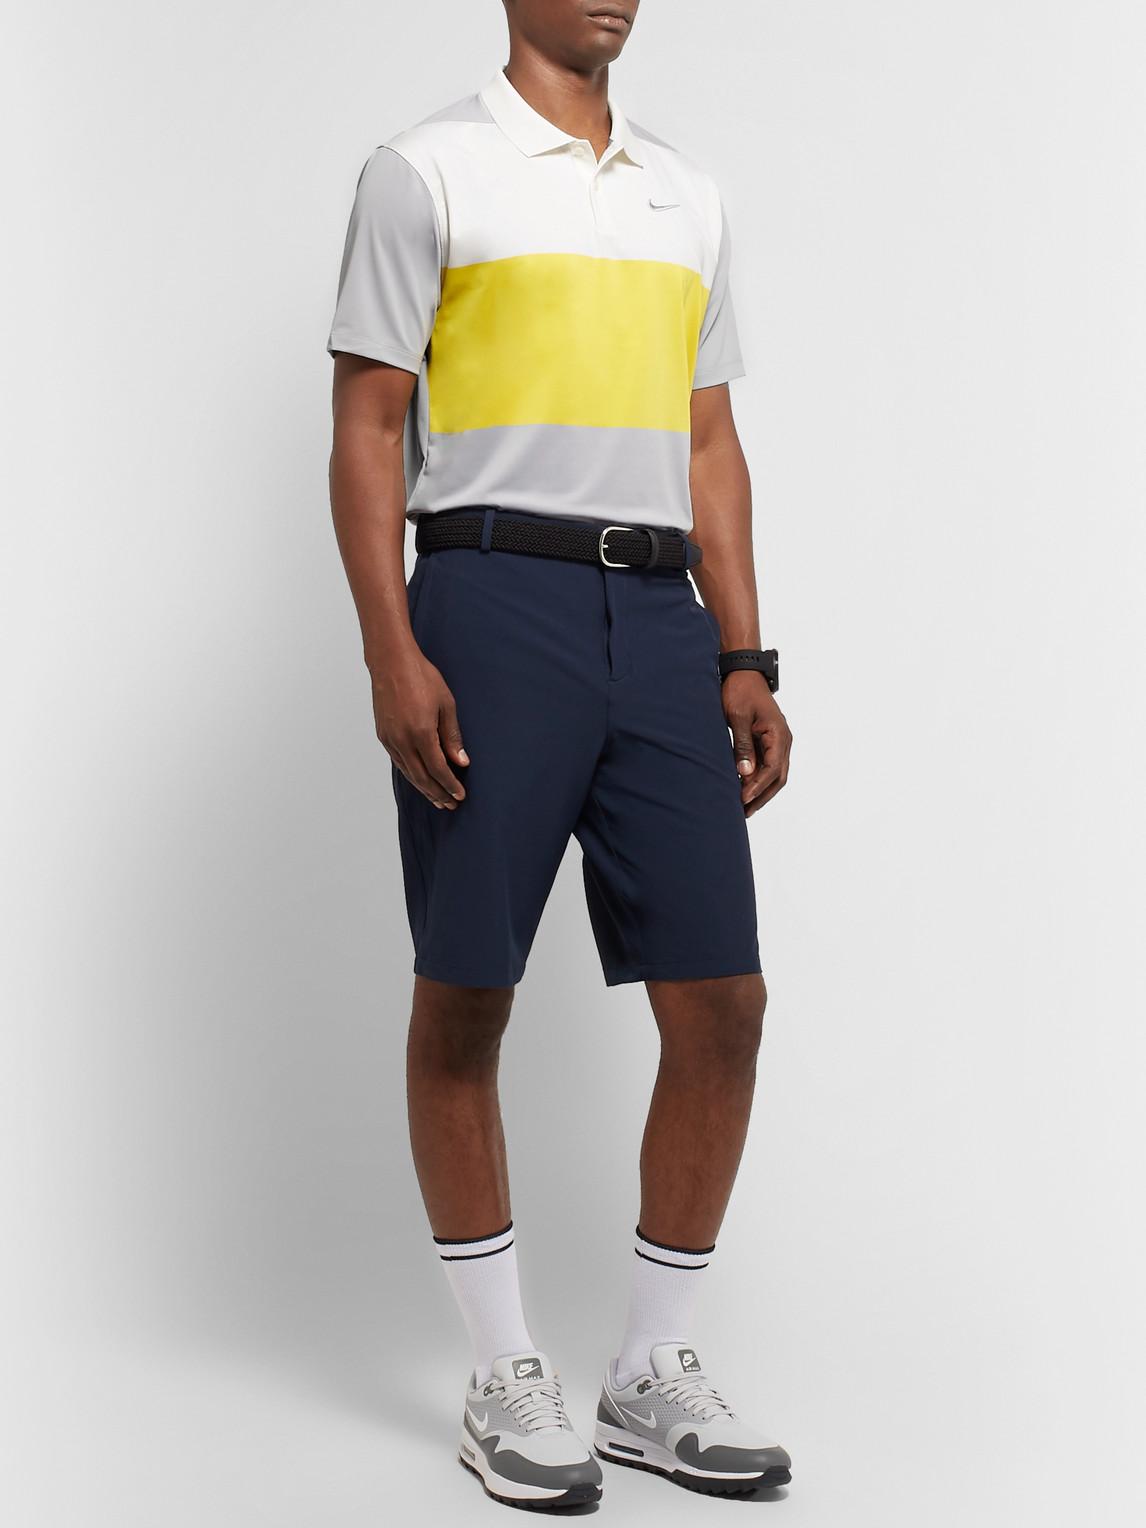 Nike Tops VAPOR COLOUR